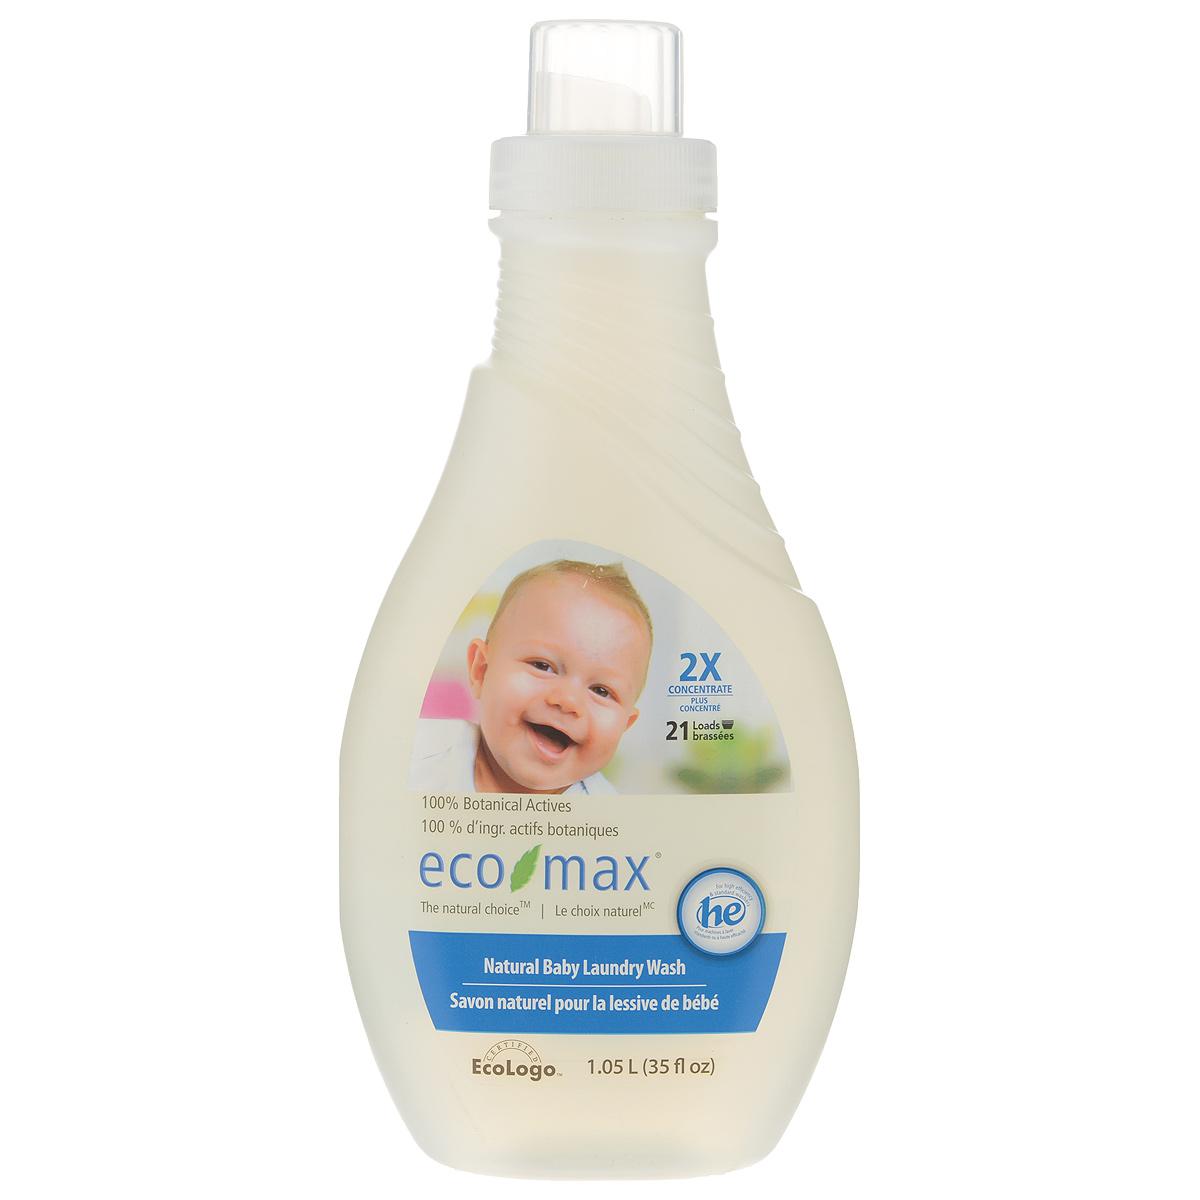 Жидкое средство для стирки детской одежды Eco Max, концентрированное, 1,05 лEmax-C134Жидкое концентрированное средство Eco Max предназначено для стирки детской одежды. Особенности: - Гипоаллергенное- Без химического осадка- Без запаха- Без сульфатов- Без фосфатов - Без нефтепродуктов- Без оптических отбеливателей- Без искусственных консервантов- Безопасно для детской одежды и пеленок- Безопасно для канализационных резервуаров и обитателей водоемов- БиоразлагаемоеПодходит для ручной и машинной стирки, для всех типов ткани. Состав: вода, полигликозиды (из кокосового масла и кукурузного сиропа), пищевой цитрат натрия, пищевой загуститель, пищевая лимонная кислотаи пищевой сорбат калия. Товар сертифицирован.